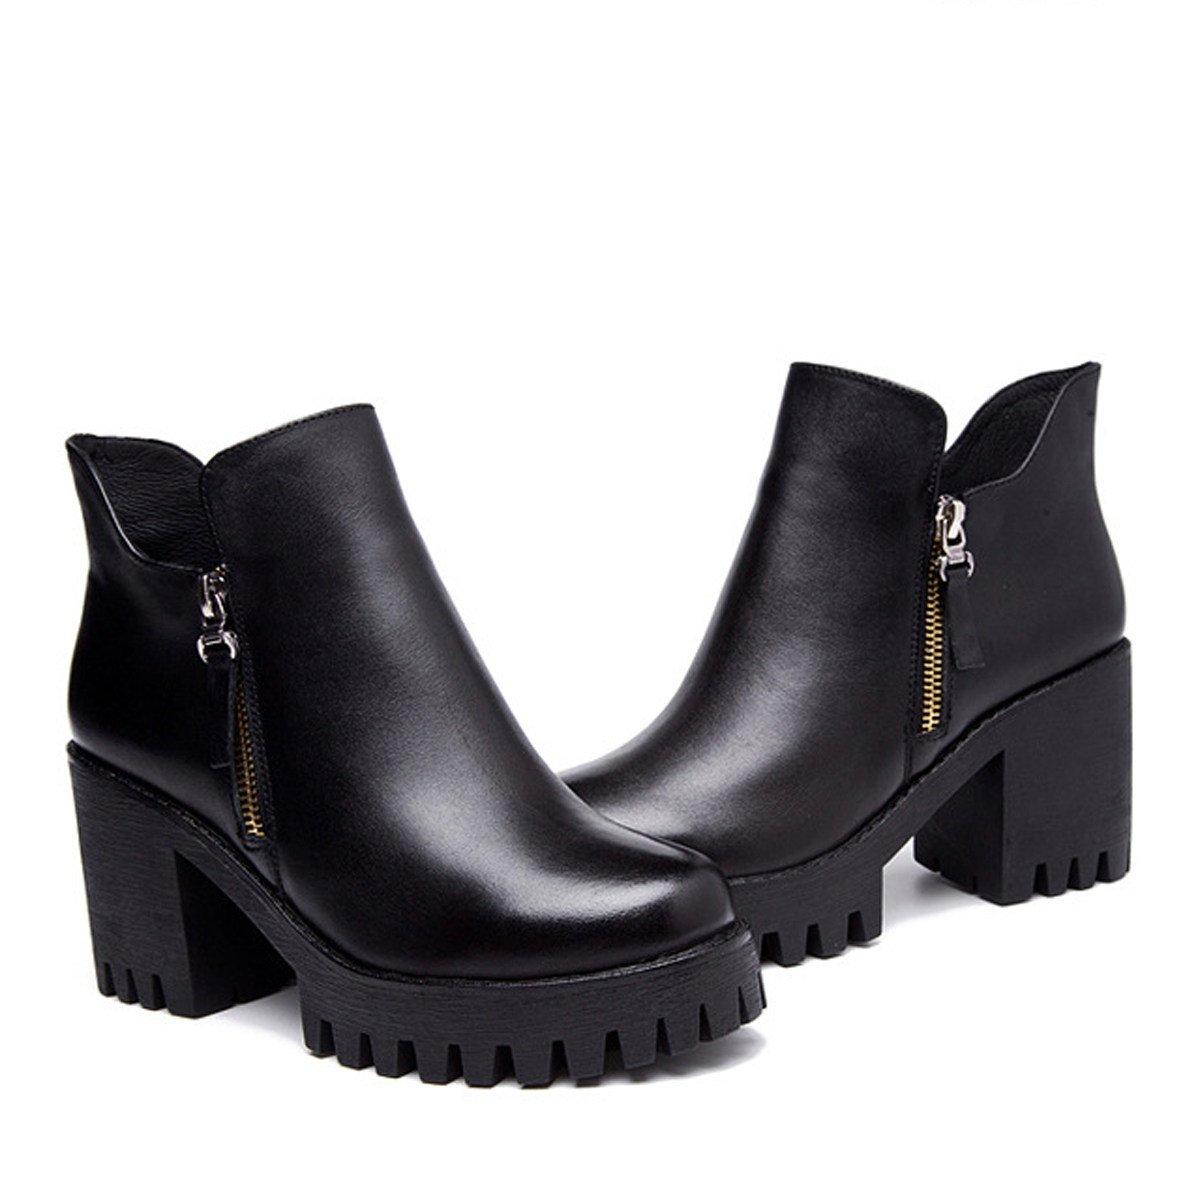 Frauen Wasserdichte schwarz Plattform Spitze Leder Martin Stiefel schwarz Wasserdichte e8a1e1